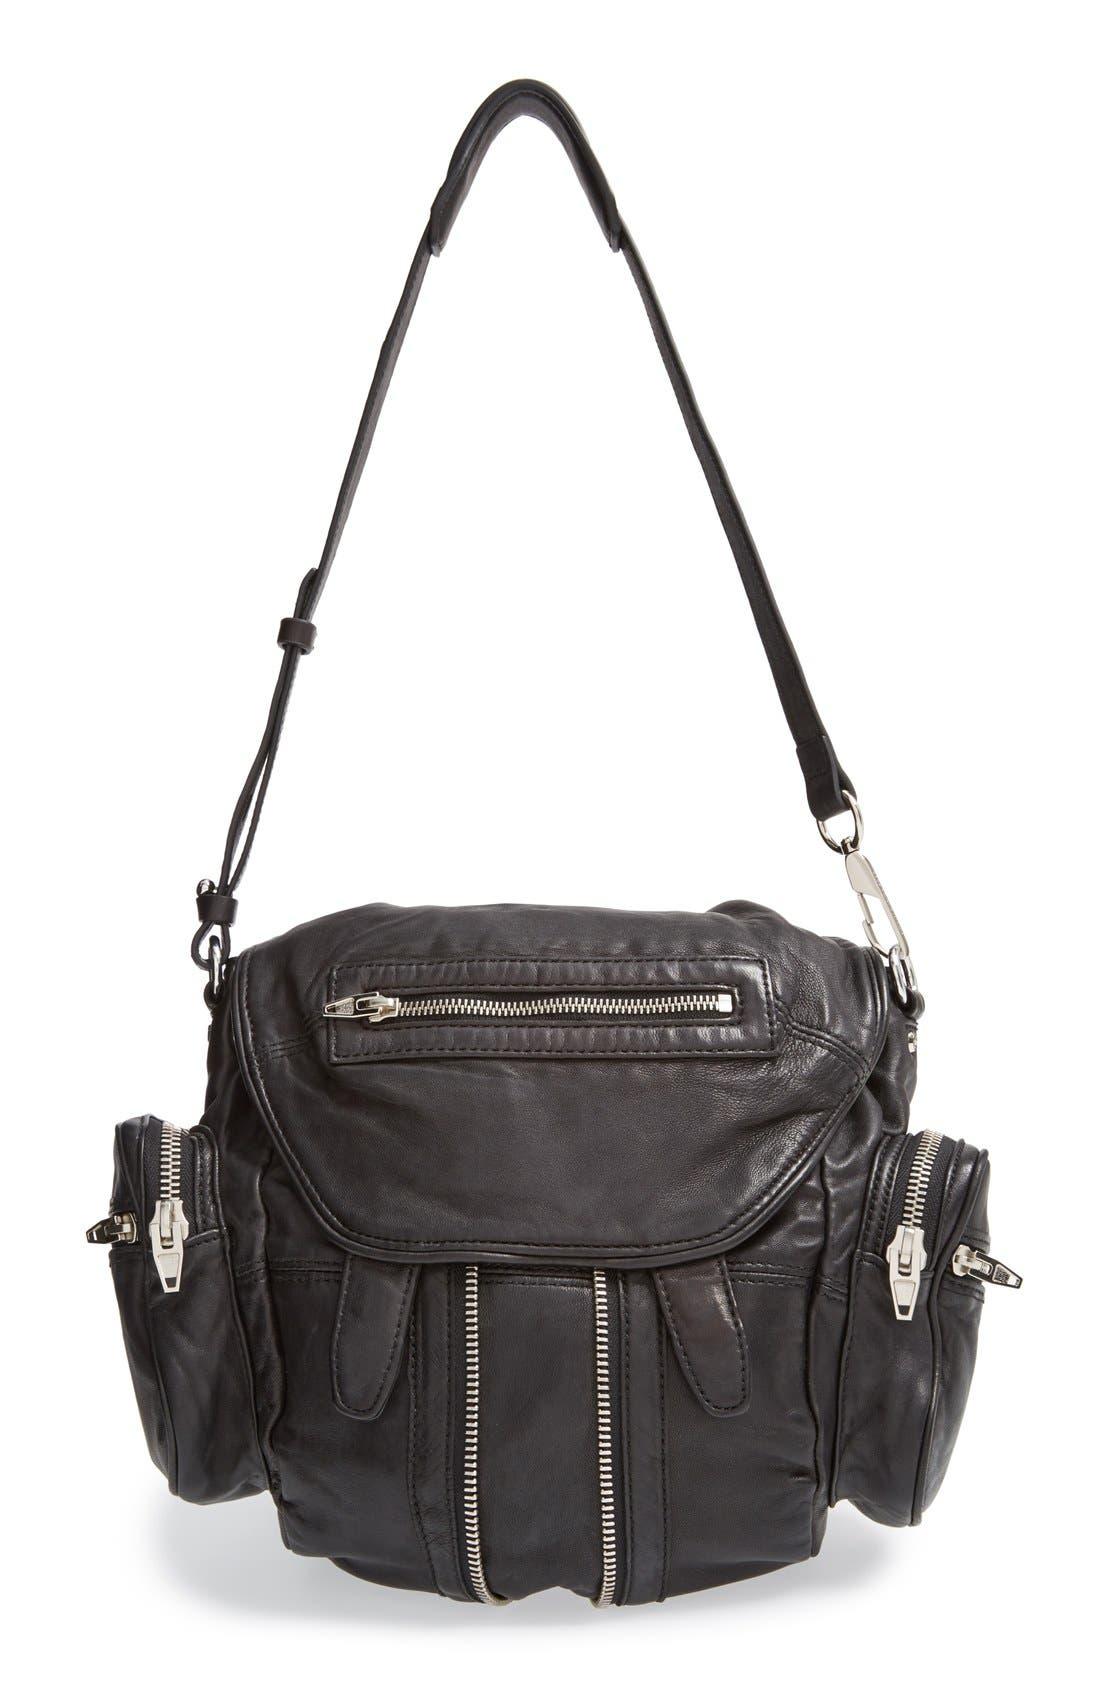 ALEXANDER WANG 'Mini Marti' Leather Backpack, Main, color, BLACK SLVR HRDR